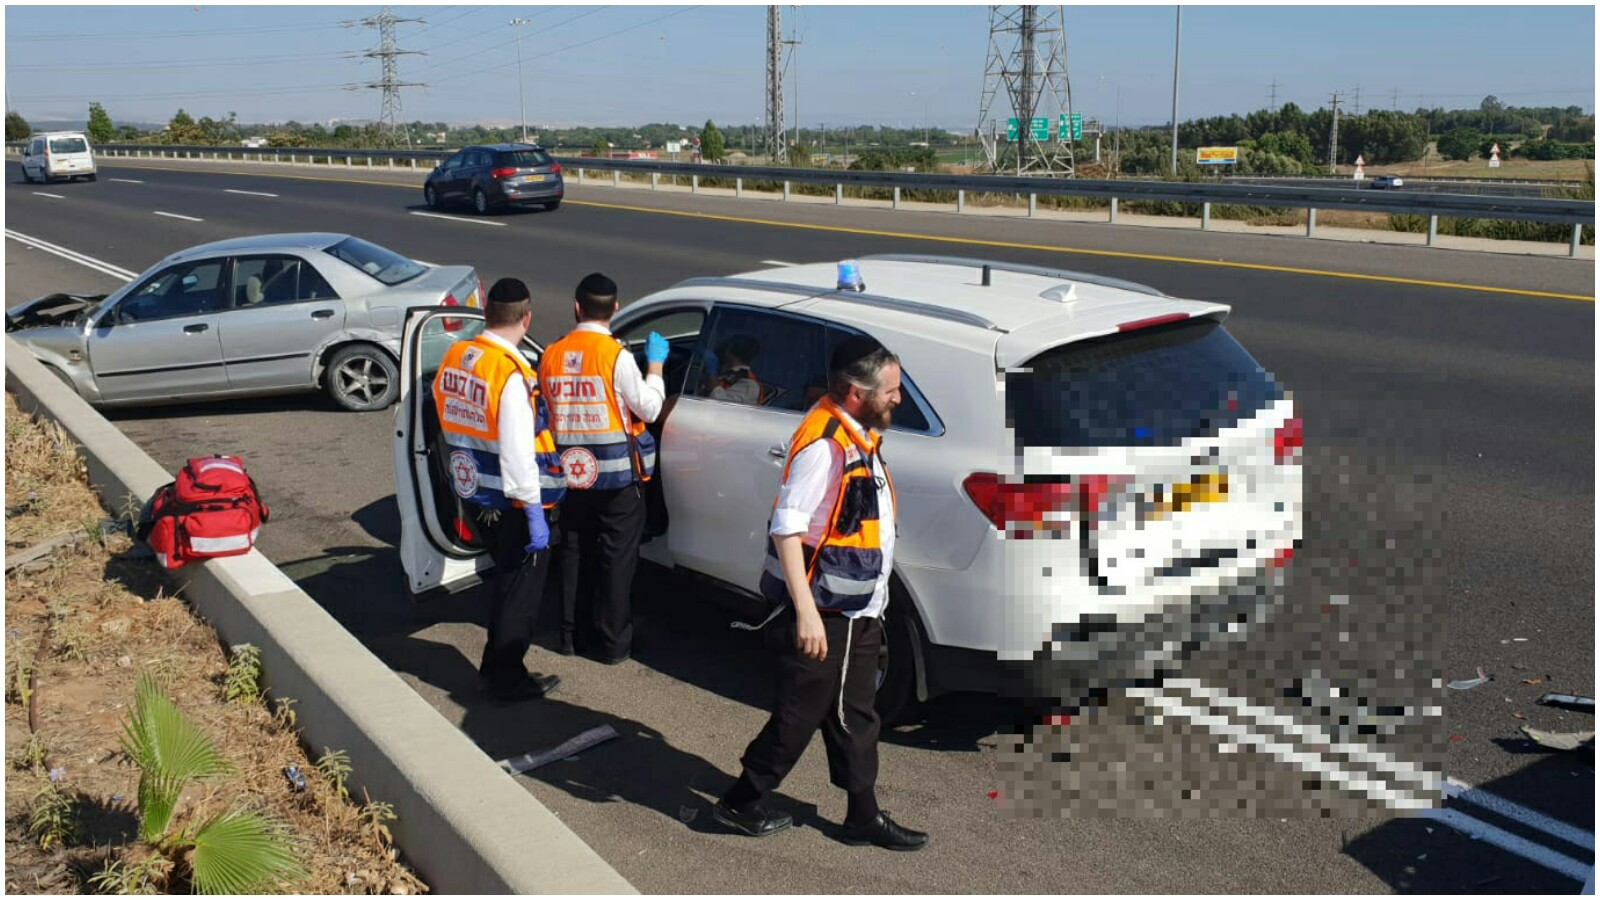 תאונה בכביש 471 באזור מחלף שערייה צילום דוברות הצלה פתח תקוה